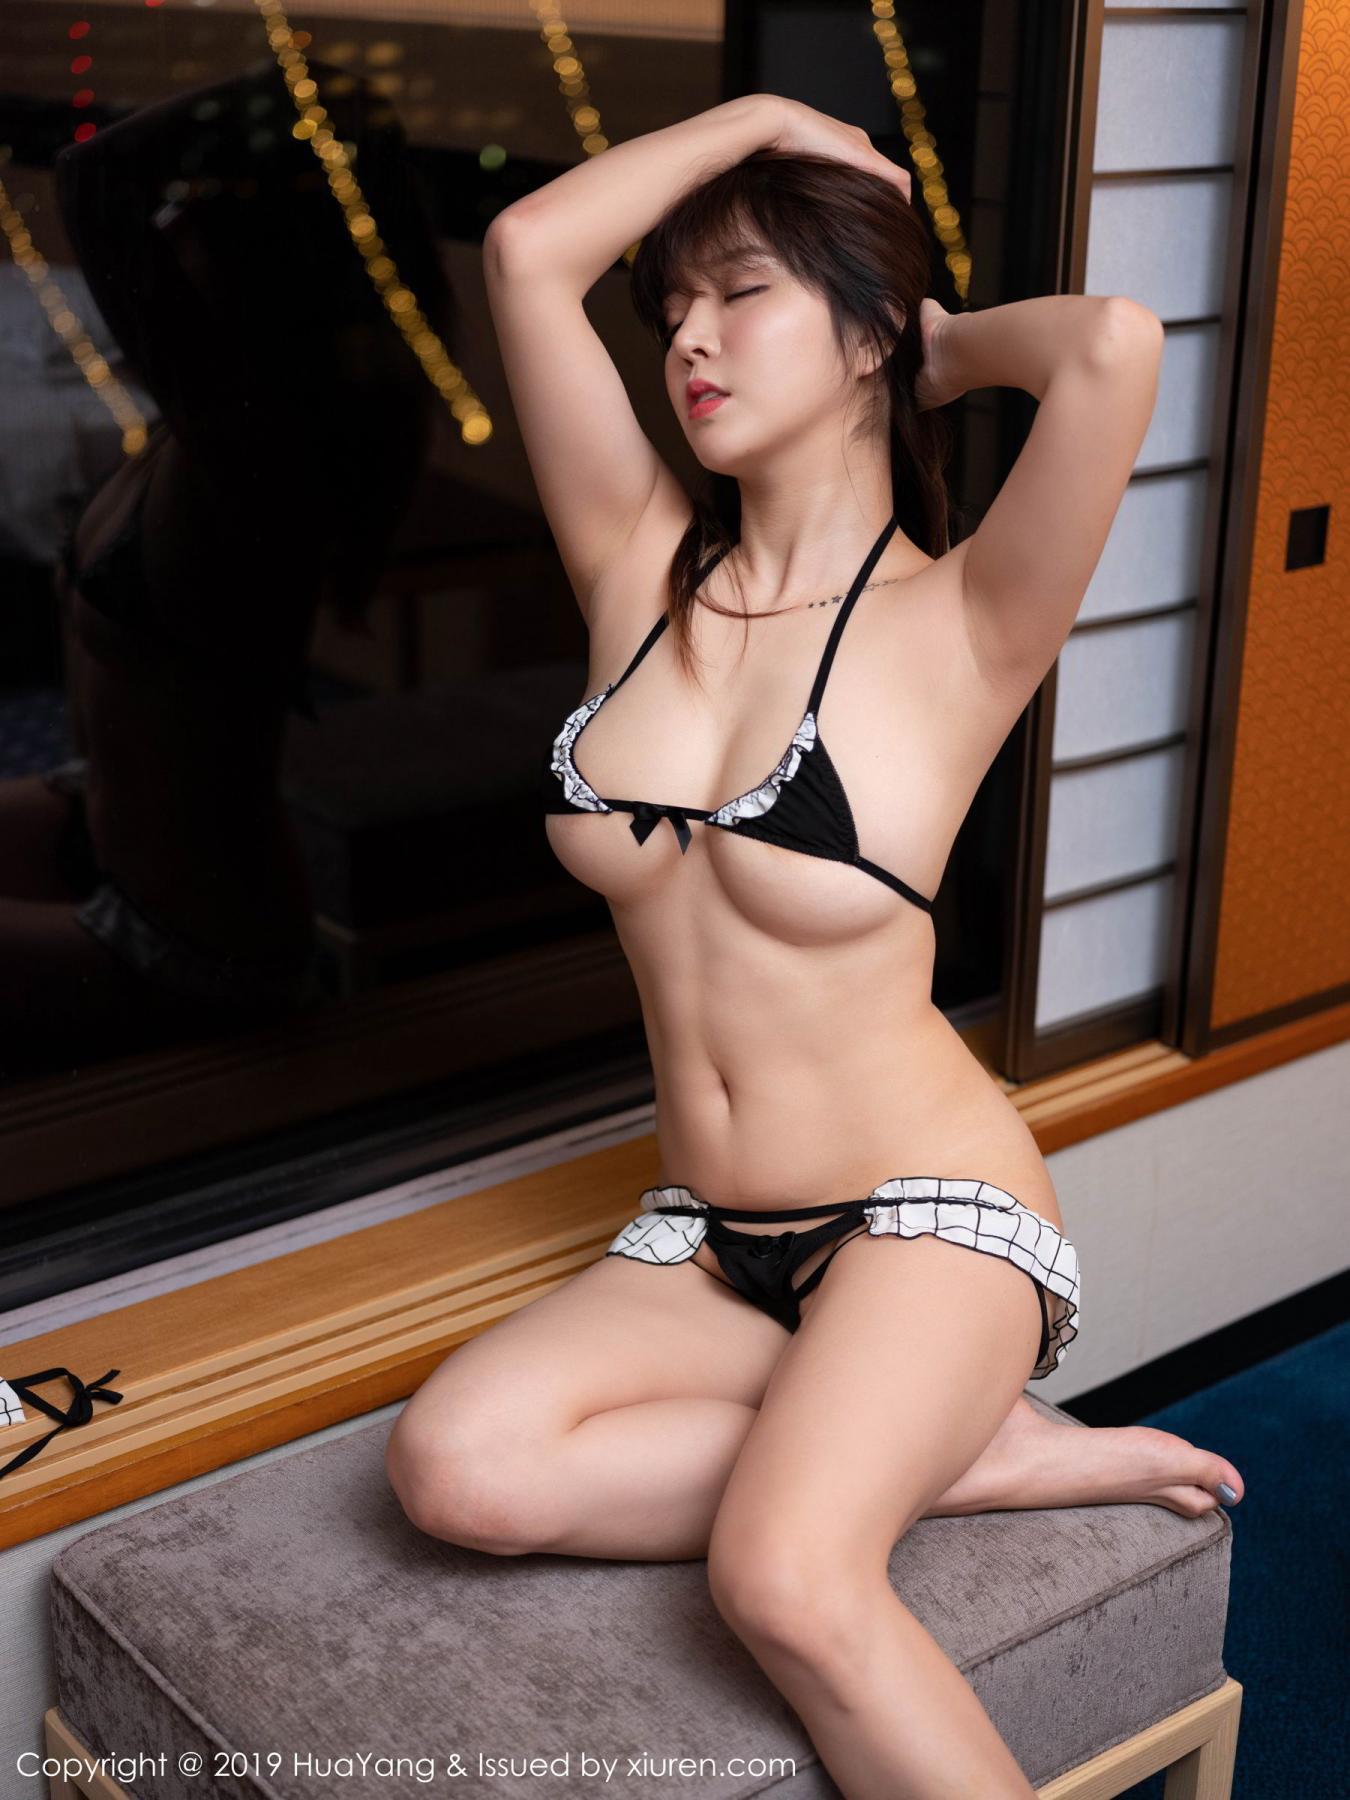 [Huayang] Vol.146 Wang Yu Chun 20P, HuaYang, Sexy, Underwear, Wang Yu Chun